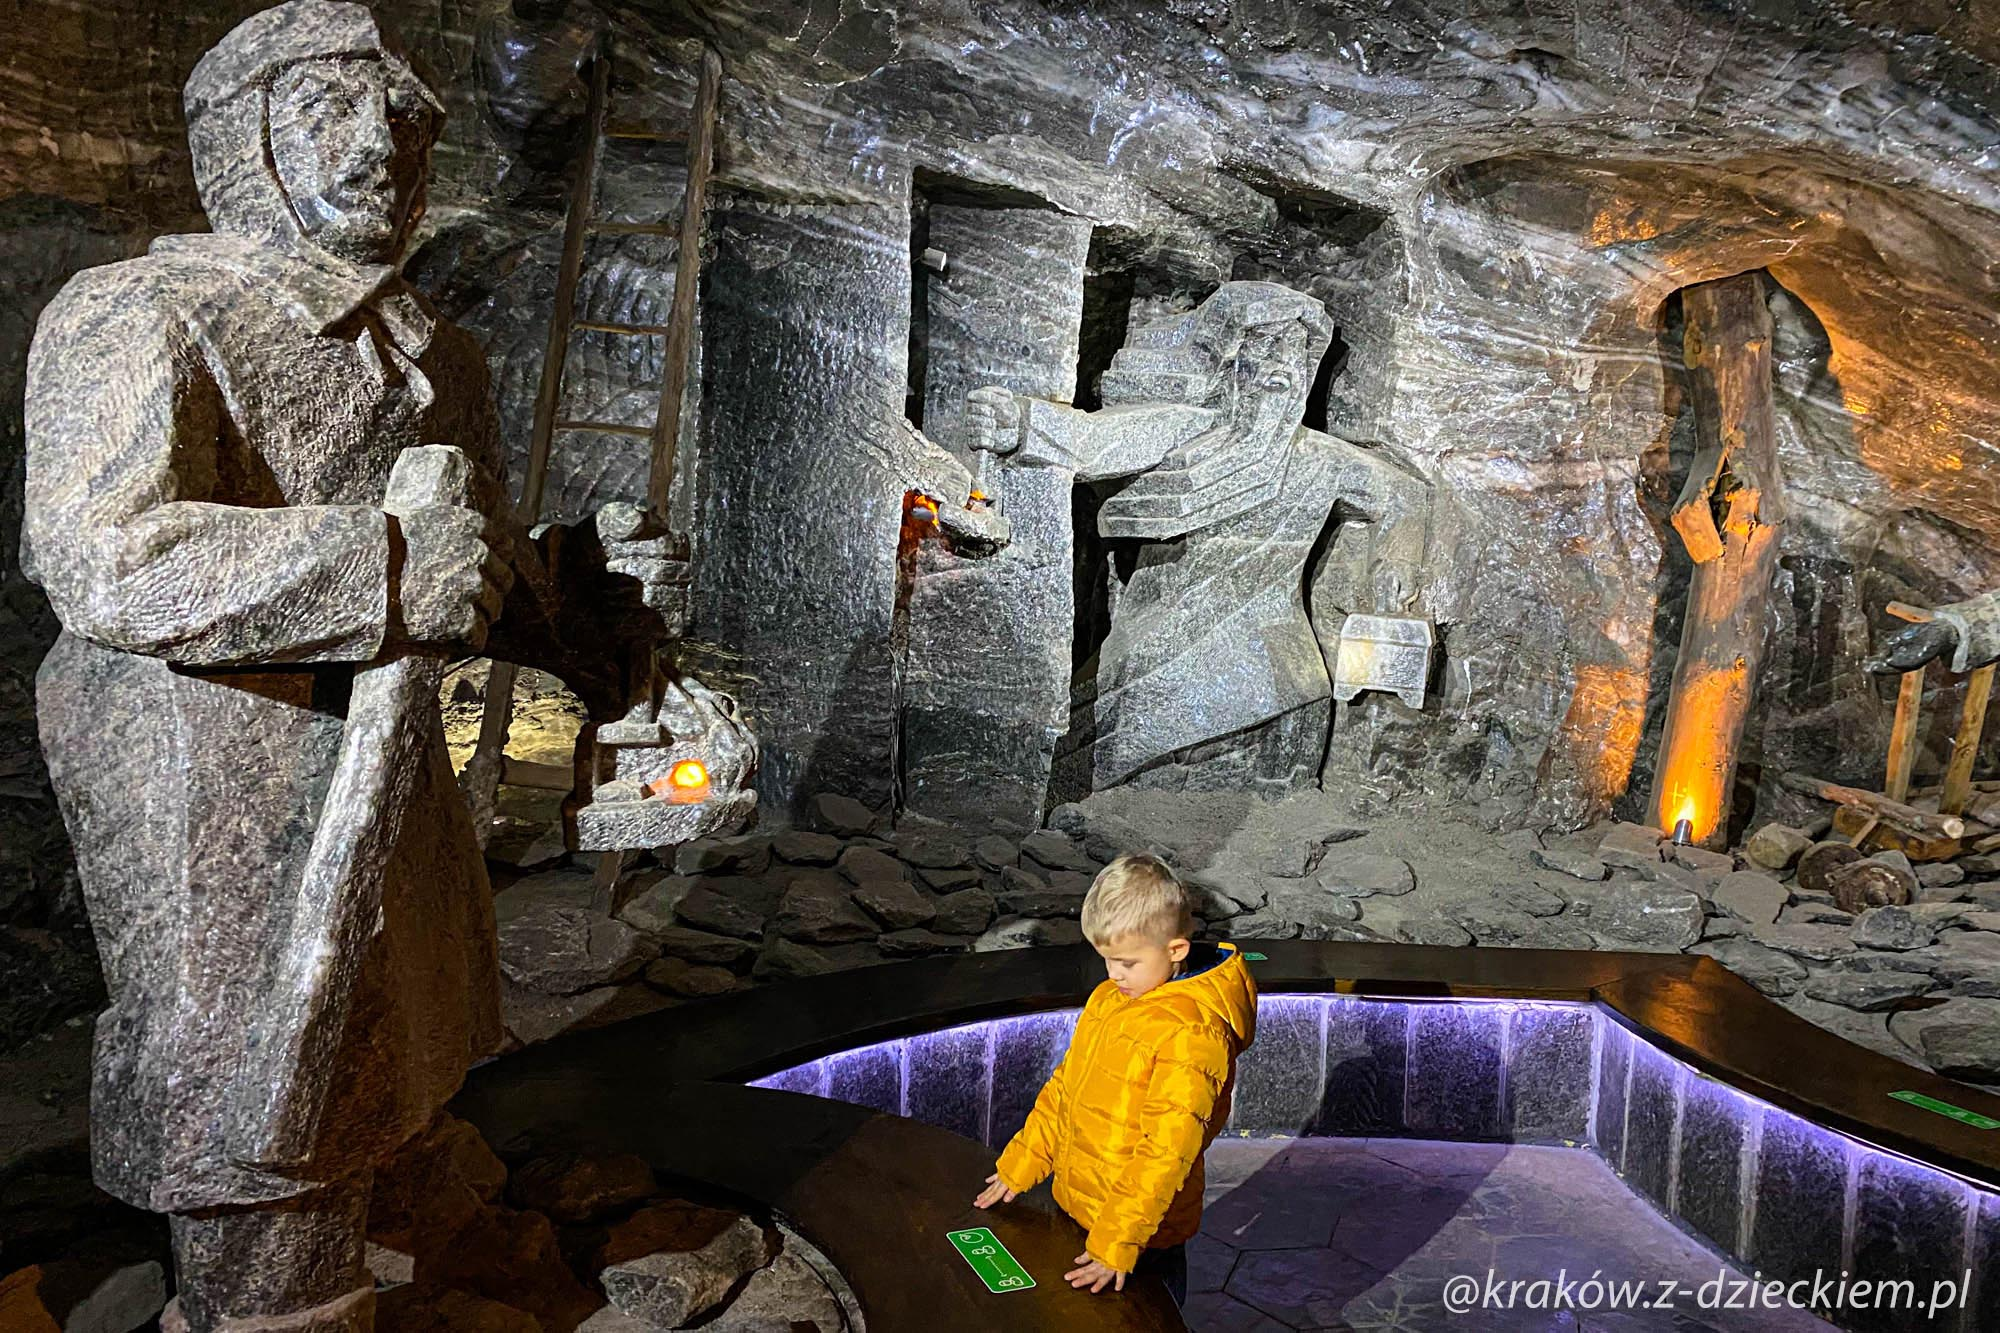 kopalnia soli z dzieckiem